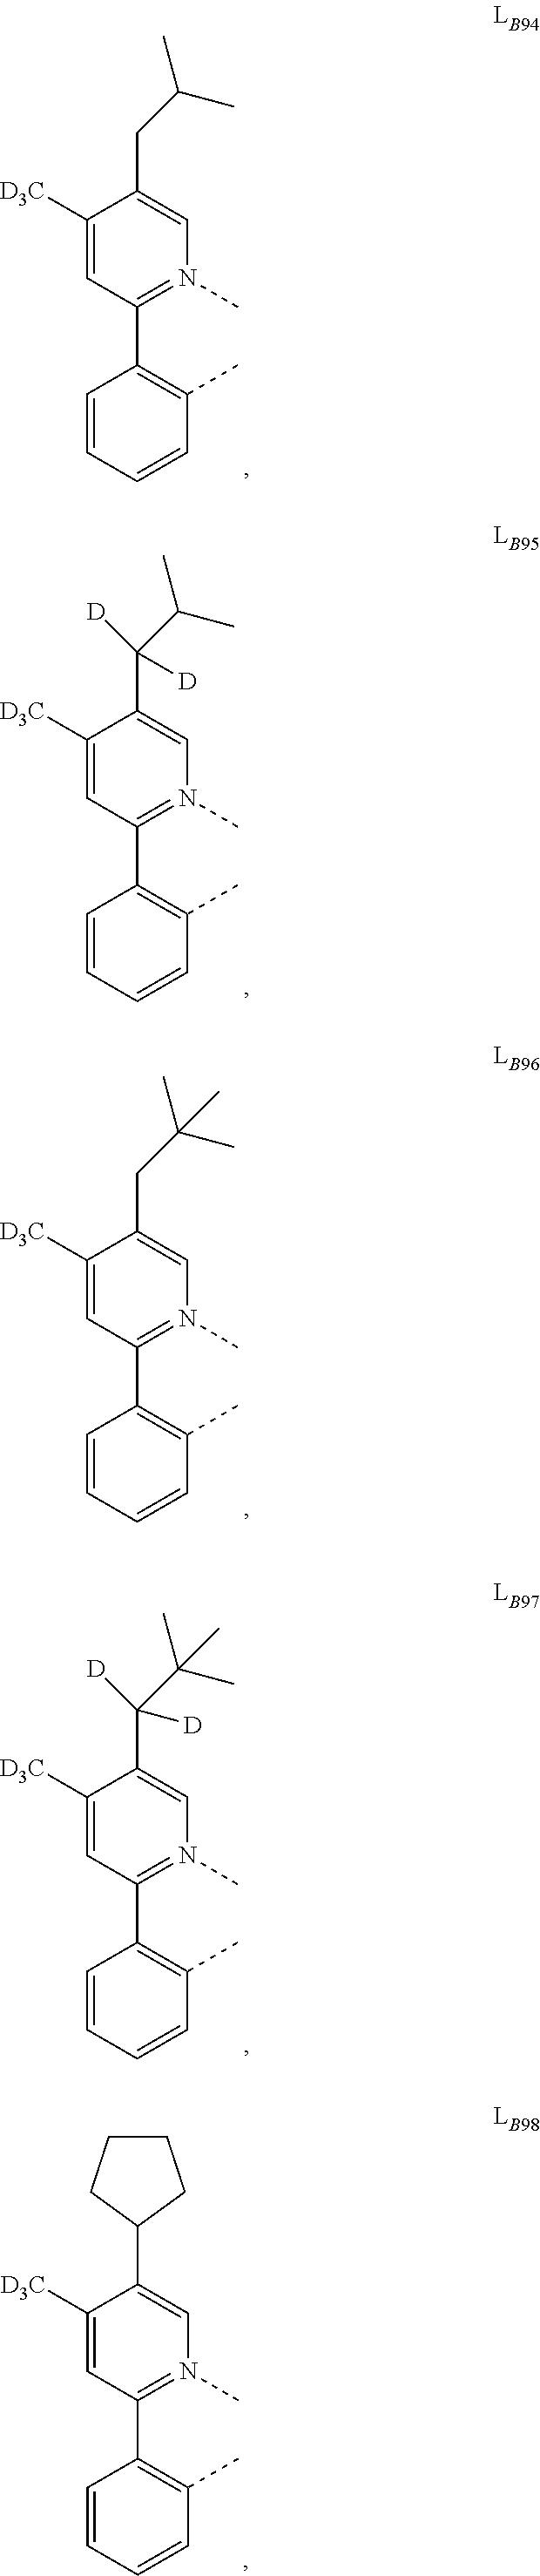 Figure US20160049599A1-20160218-C00132